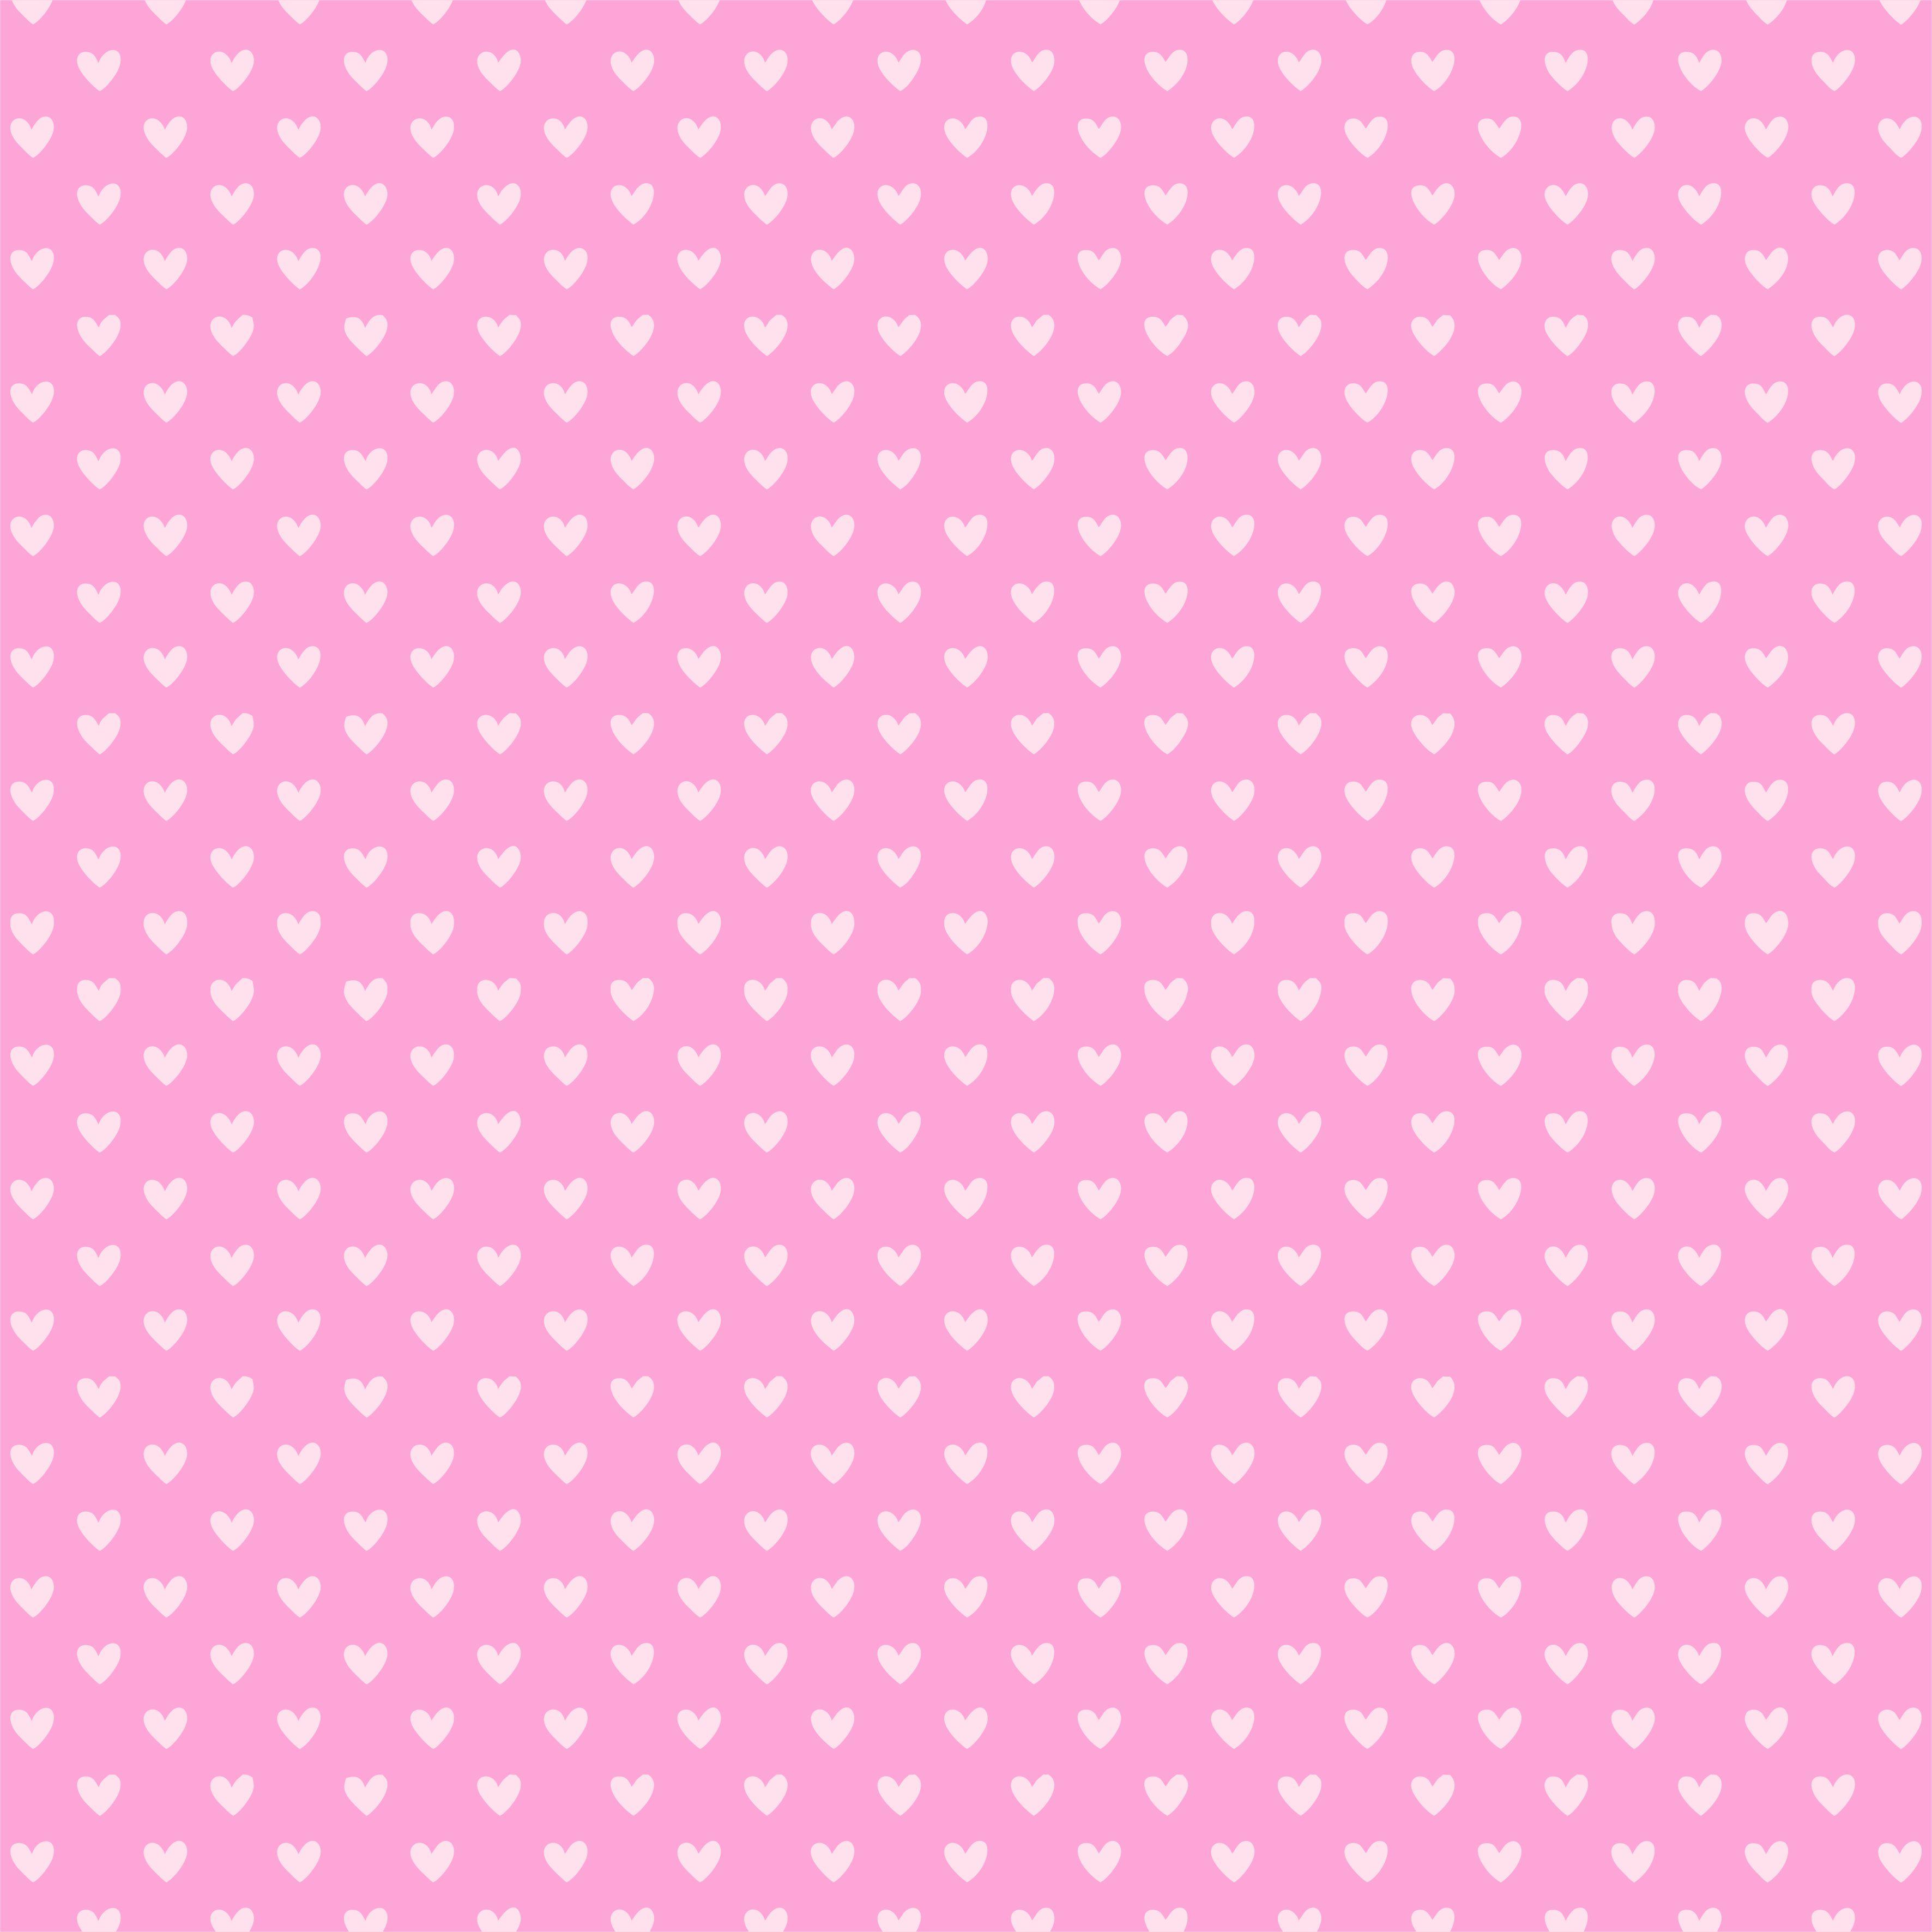 papel digital casa de bonecas rosa 2